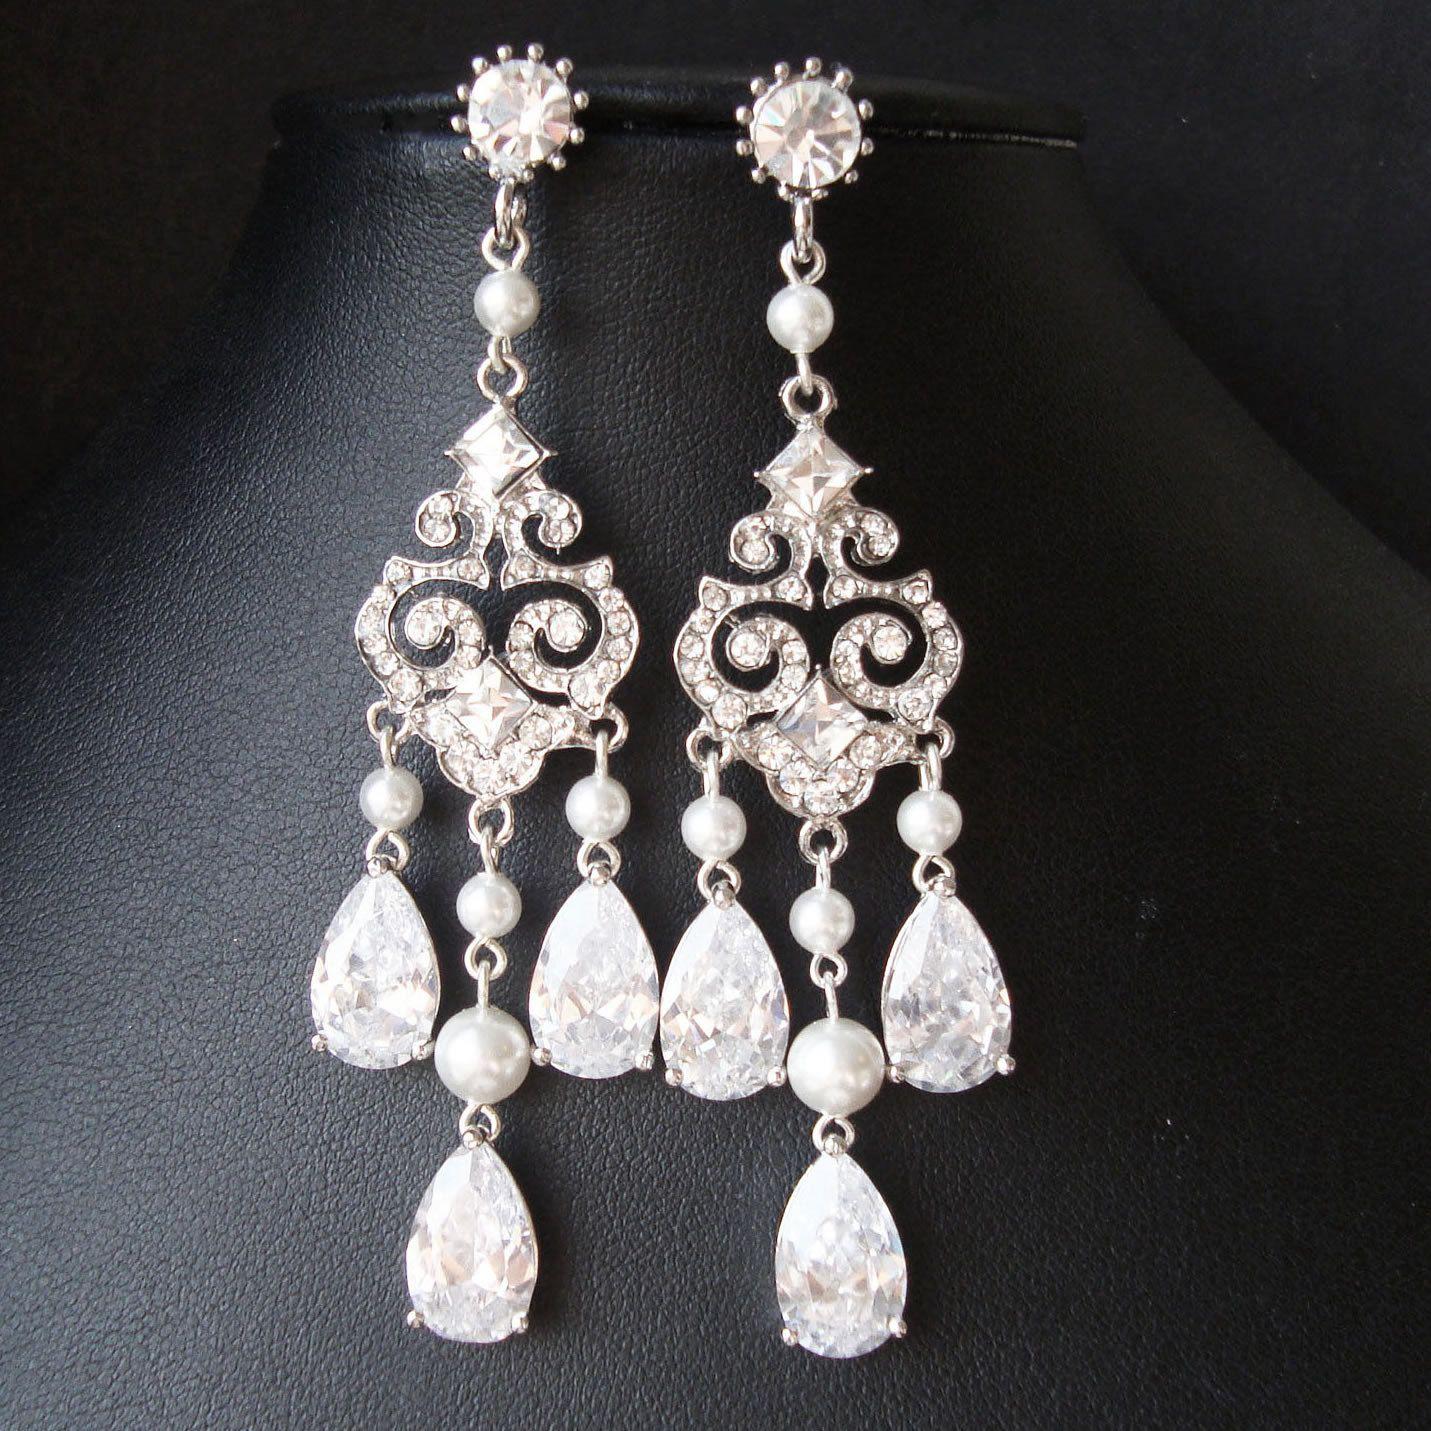 Art deco style chandelier bridal earrings vintage inspired bridal art deco style chandelier bridal earrings vintage inspired bridal wedding earrings statement chandelier earrings arubaitofo Choice Image